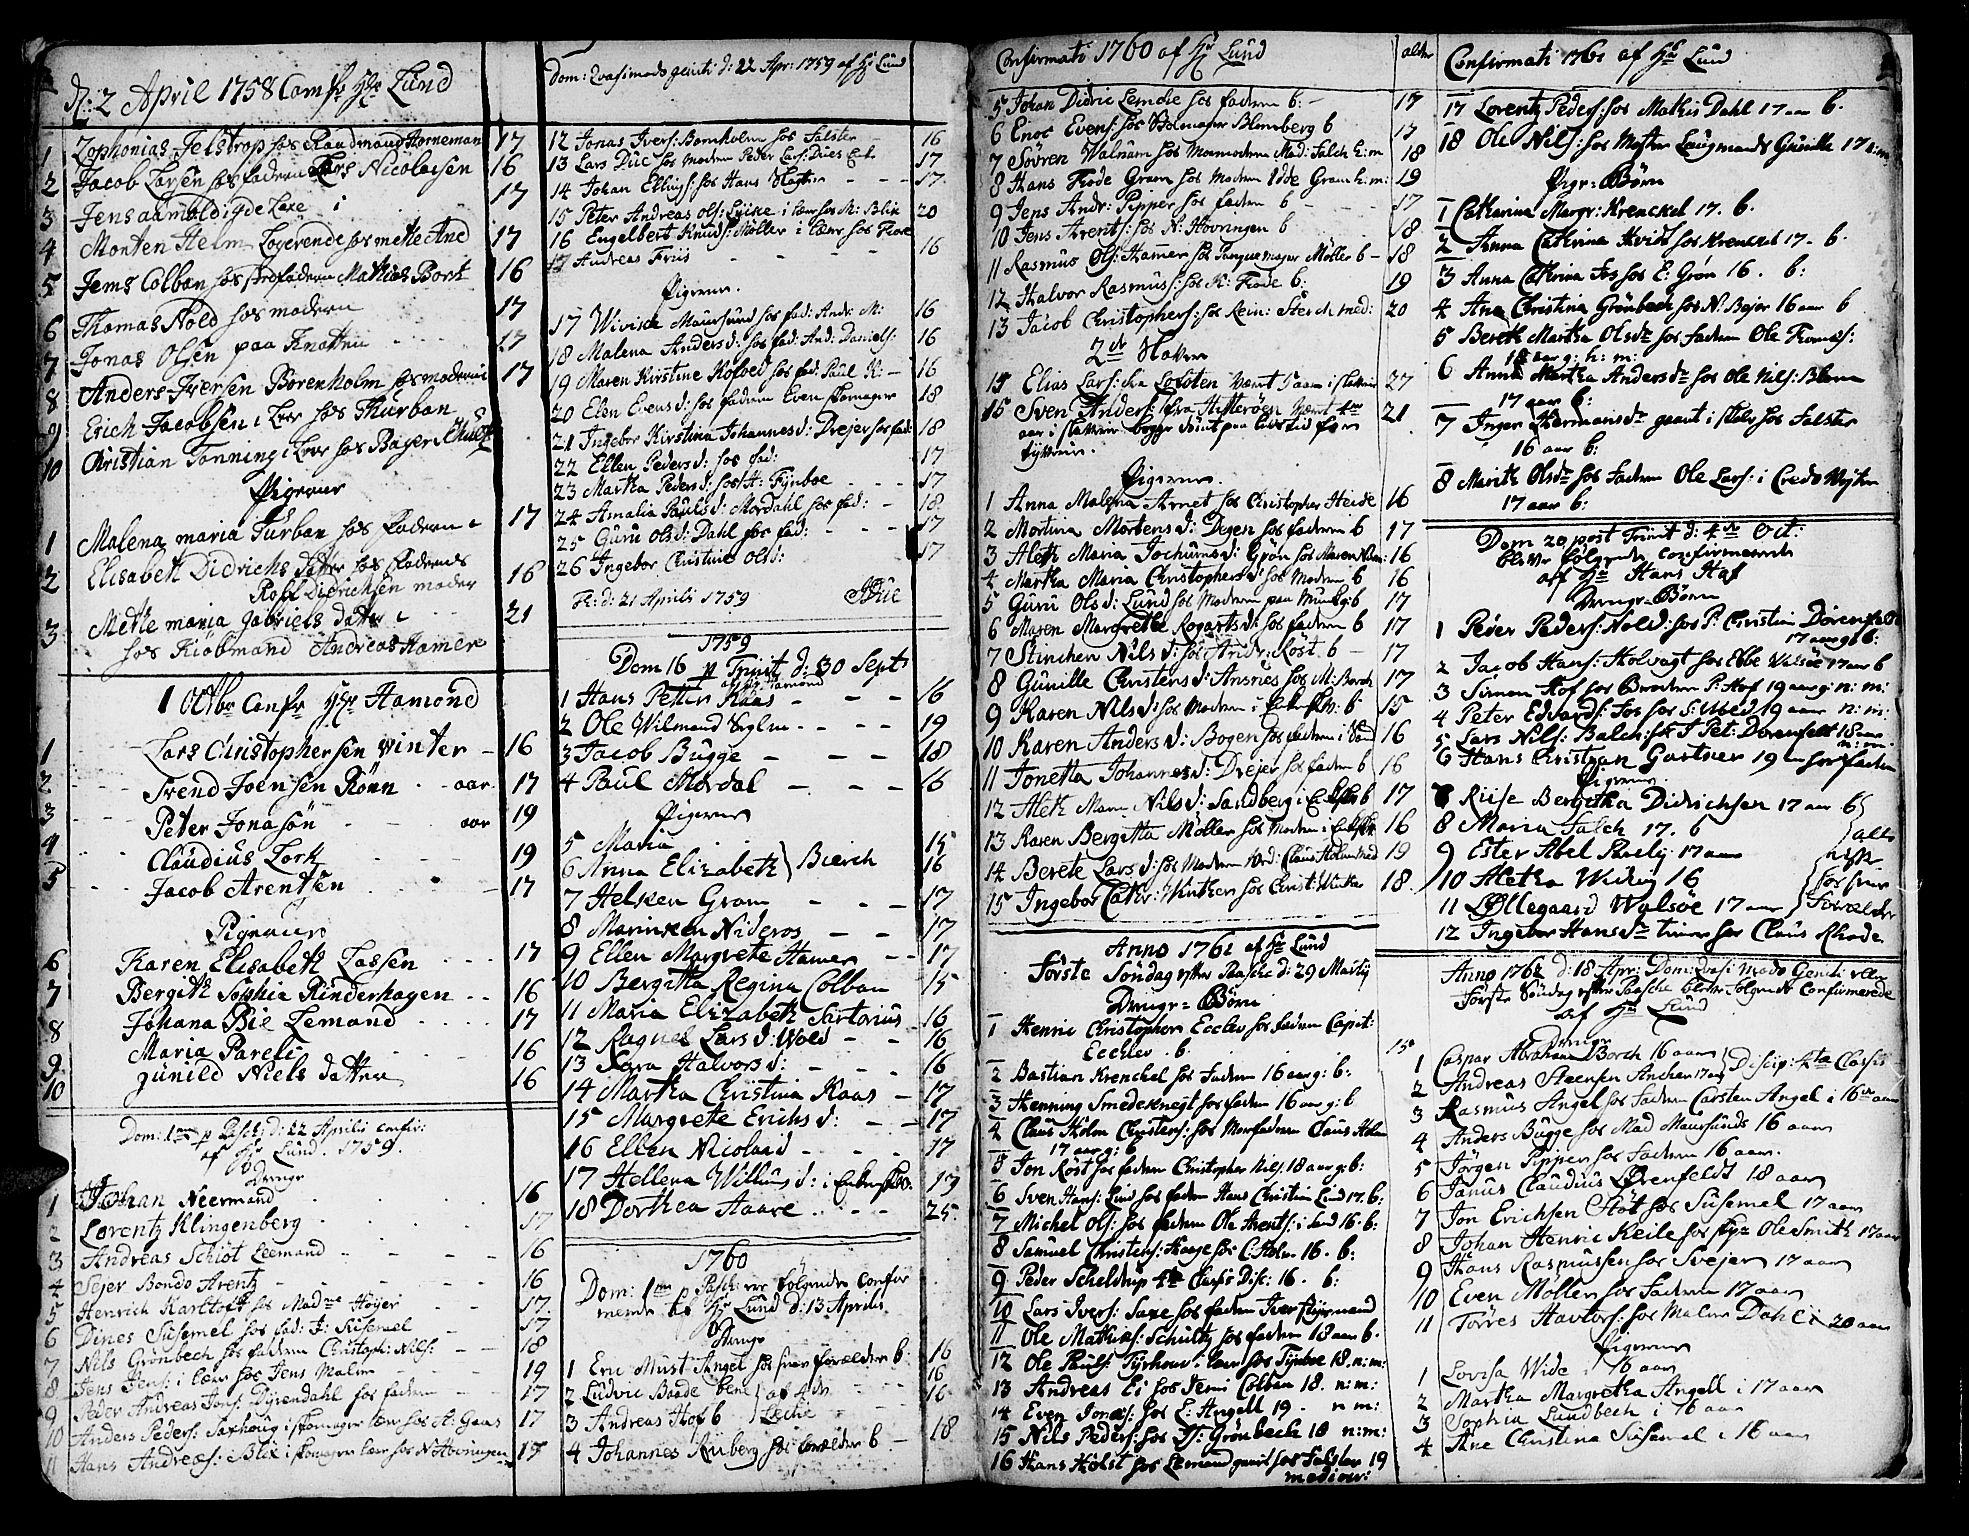 SAT, Ministerialprotokoller, klokkerbøker og fødselsregistre - Sør-Trøndelag, 602/L0133: Klokkerbok nr. 602C01, 1744-1773